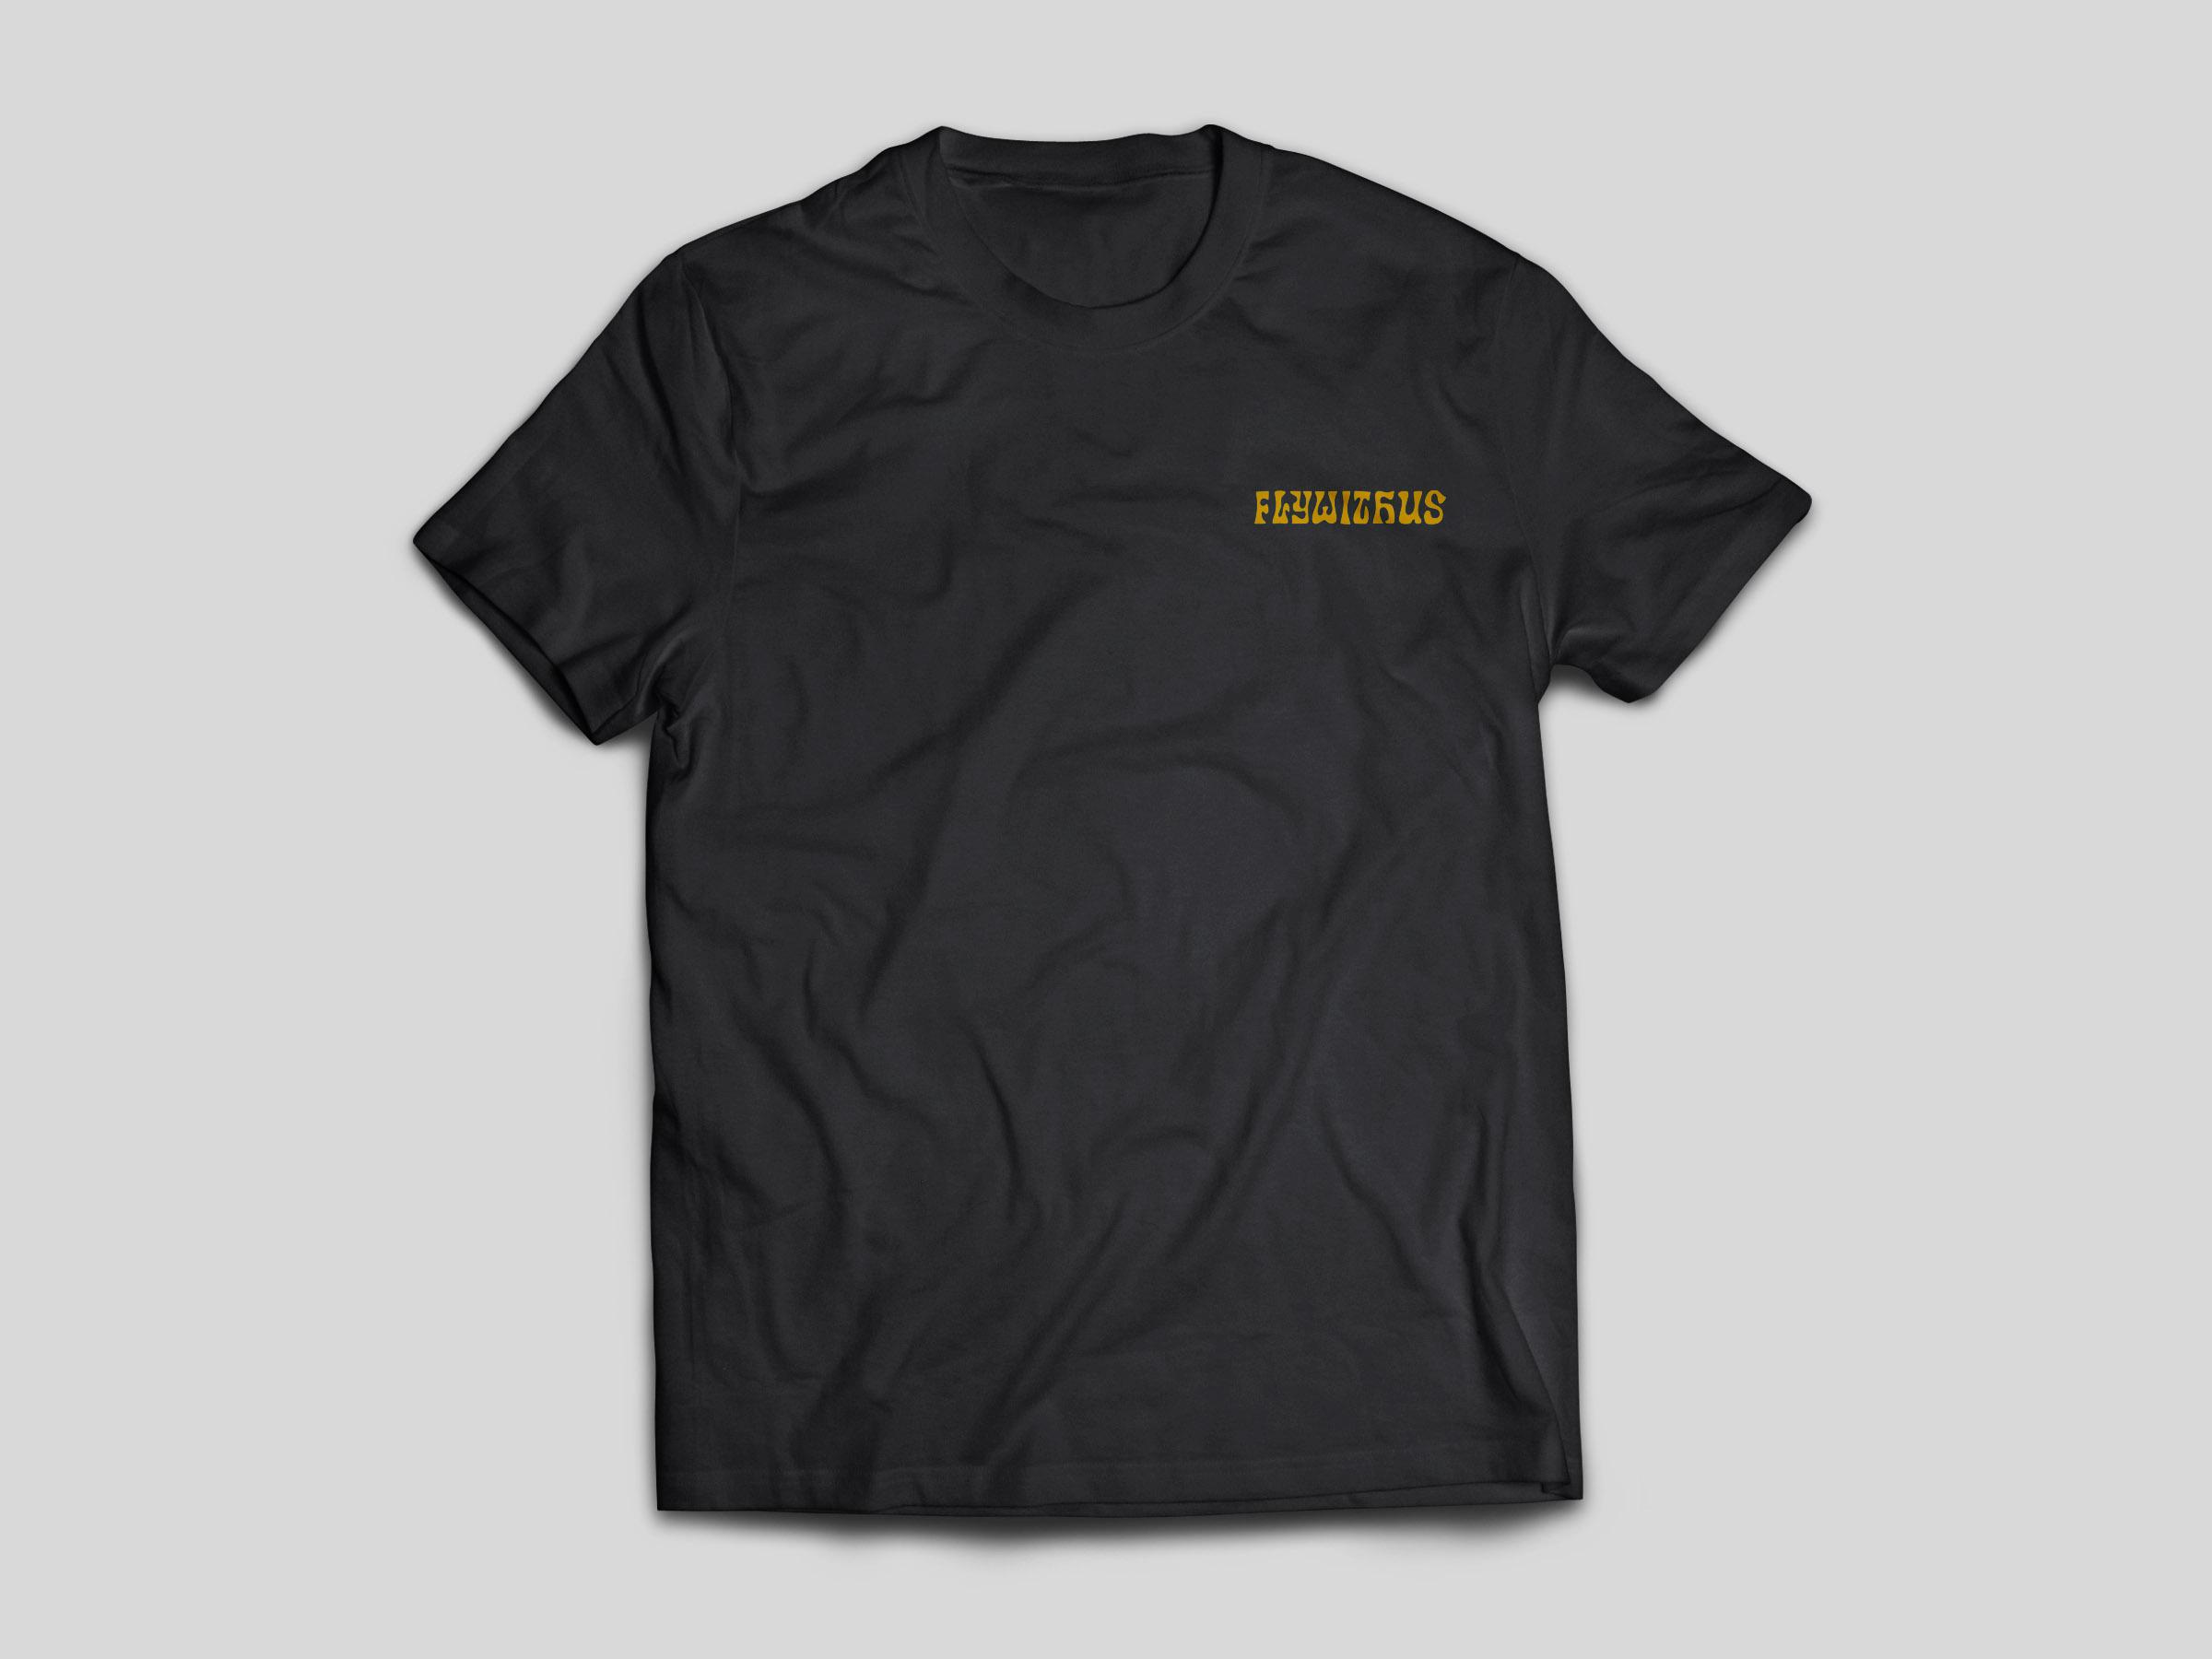 T-Shirt-MockUp_Front1